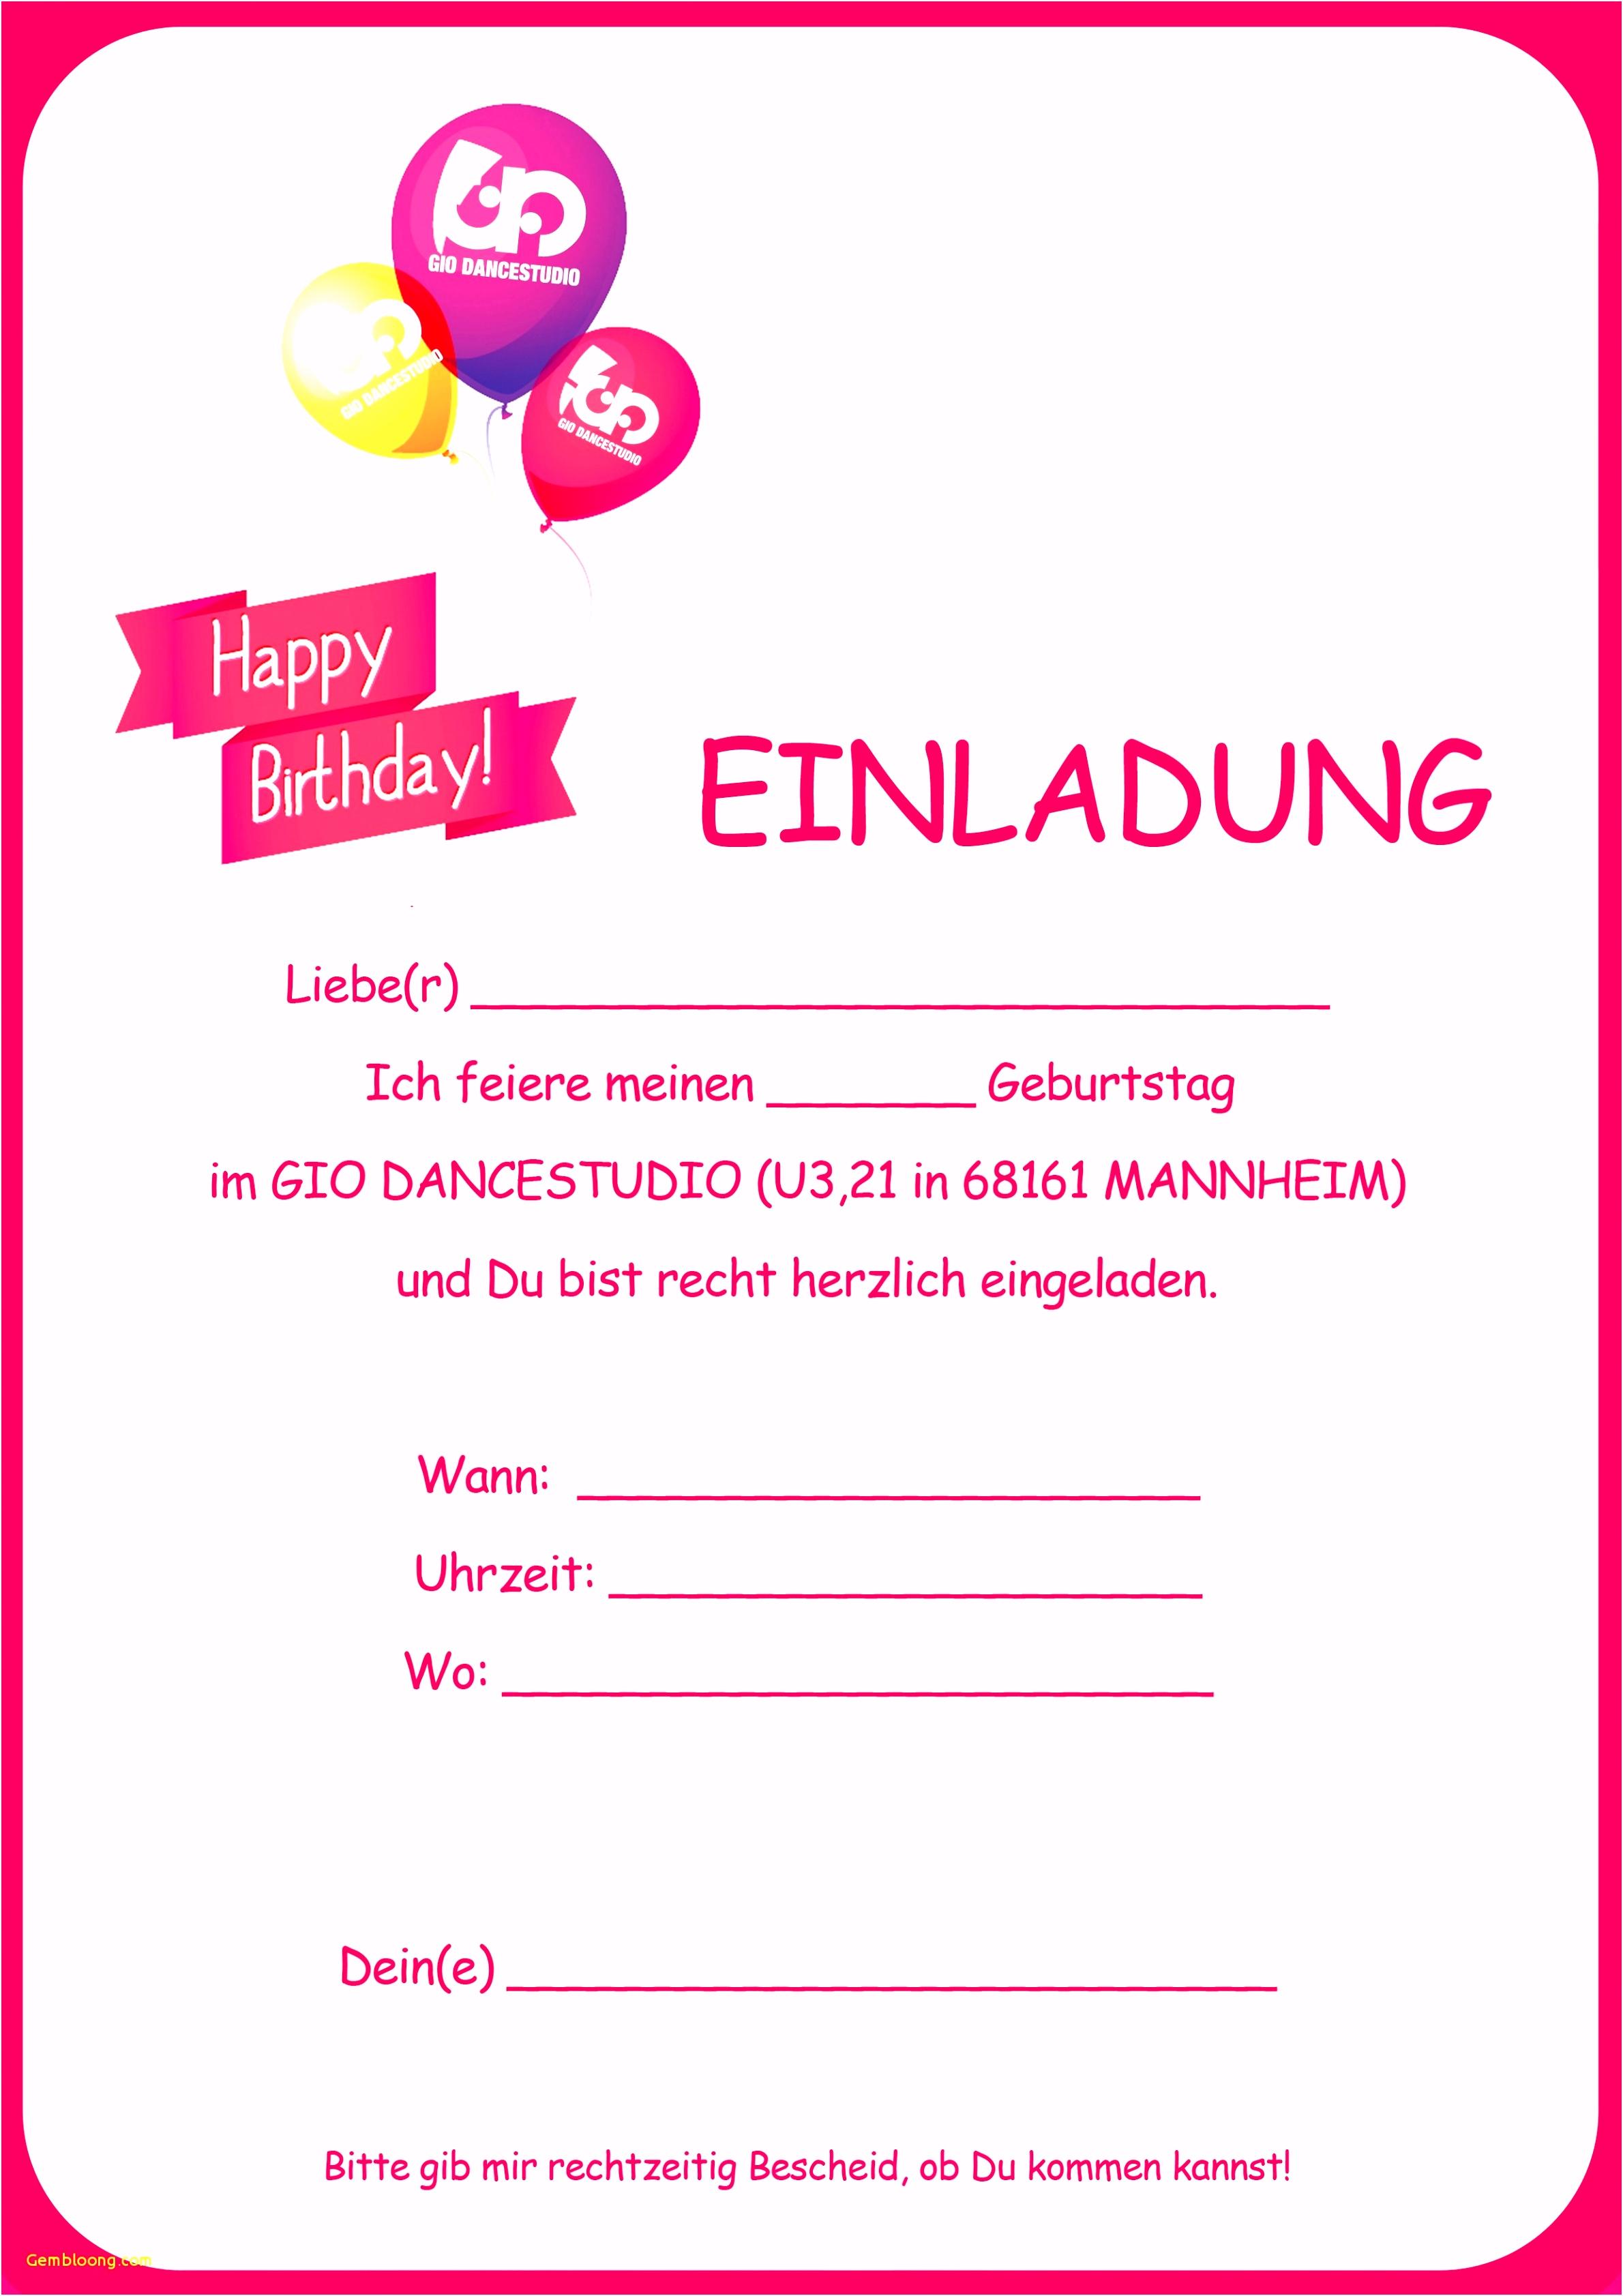 Einladung Geburtstag 30 Vorlage Einladung 30 Geburtstag Vorlage Neu Absage Einladung Geburtstag Neu V8ha73krt1 Y4rd0mkqw6